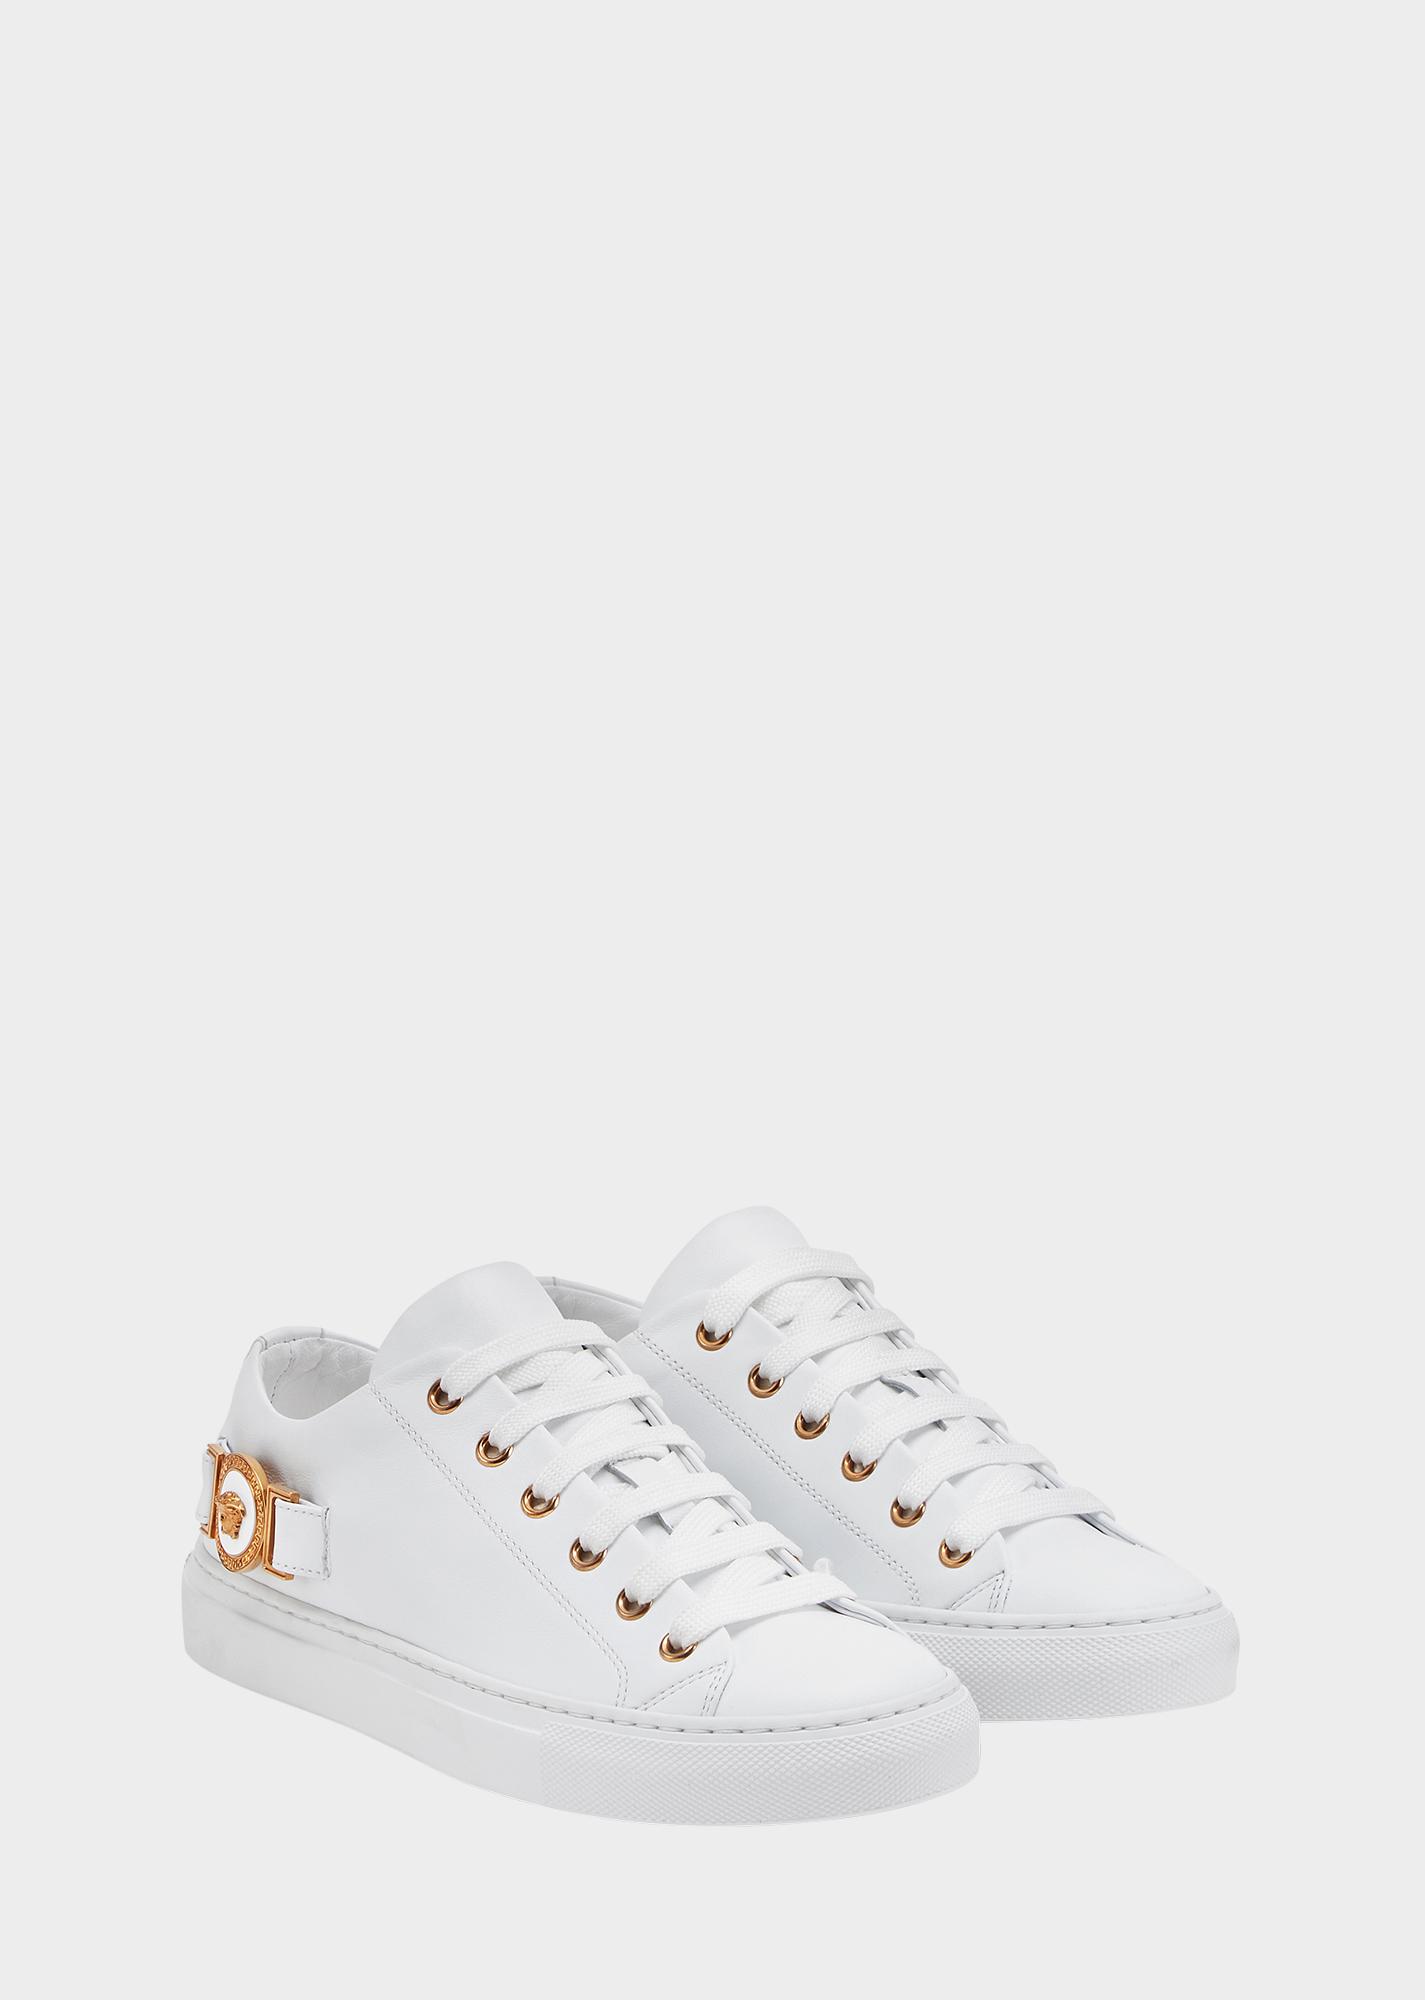 Medusa Tribute Sneakers - White